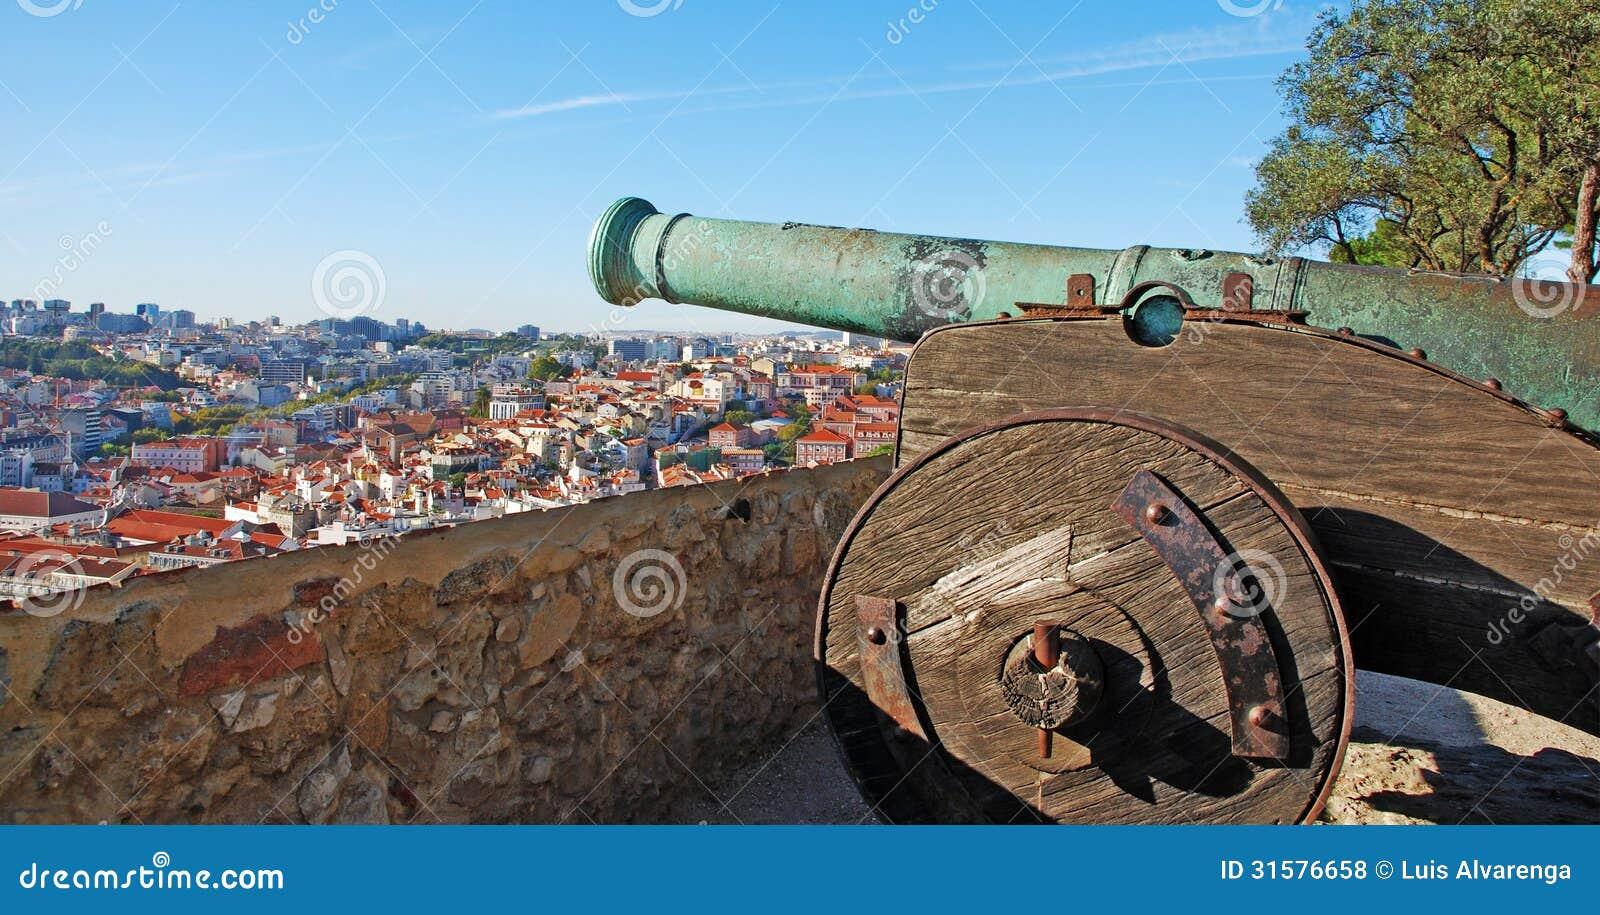 Arma del cannone fotografia stock immagine di scena - Arma letale scena bagno ...